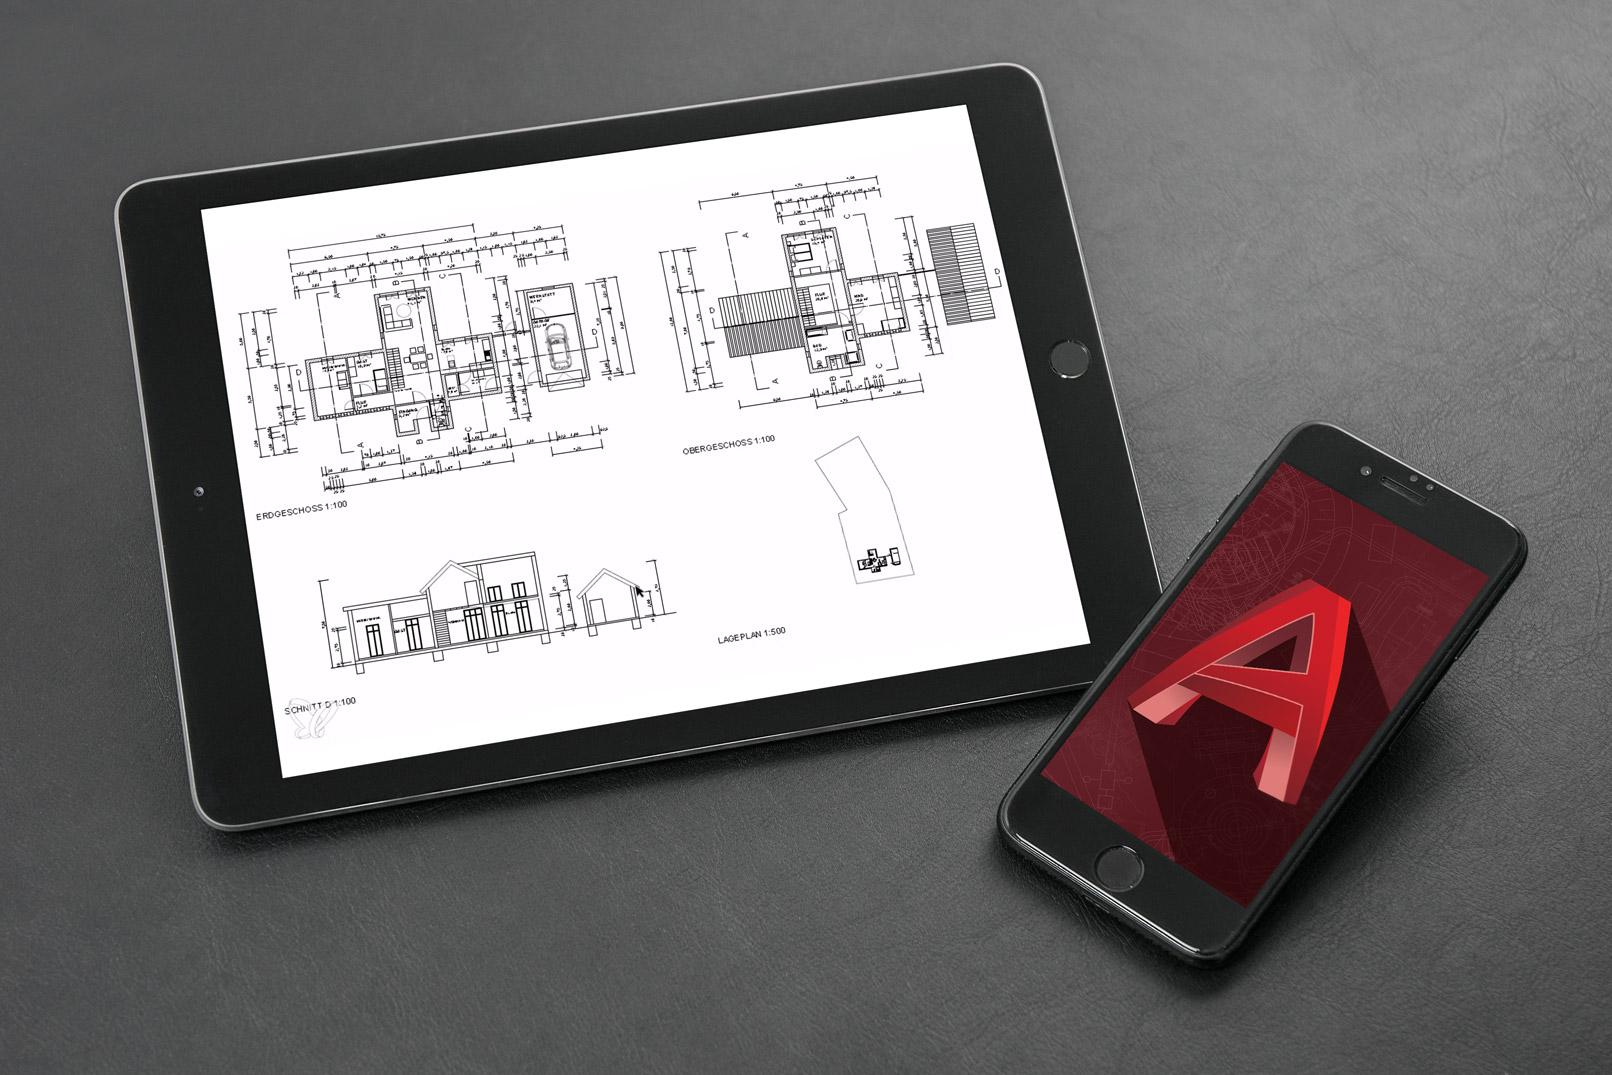 AutoCAD-Tutorial: Einfamilienhaus mit zwei Geschossen im Grundriss, Schnitt und als Lageplan. Diese Zeichnung wird im Kurs erstellt.